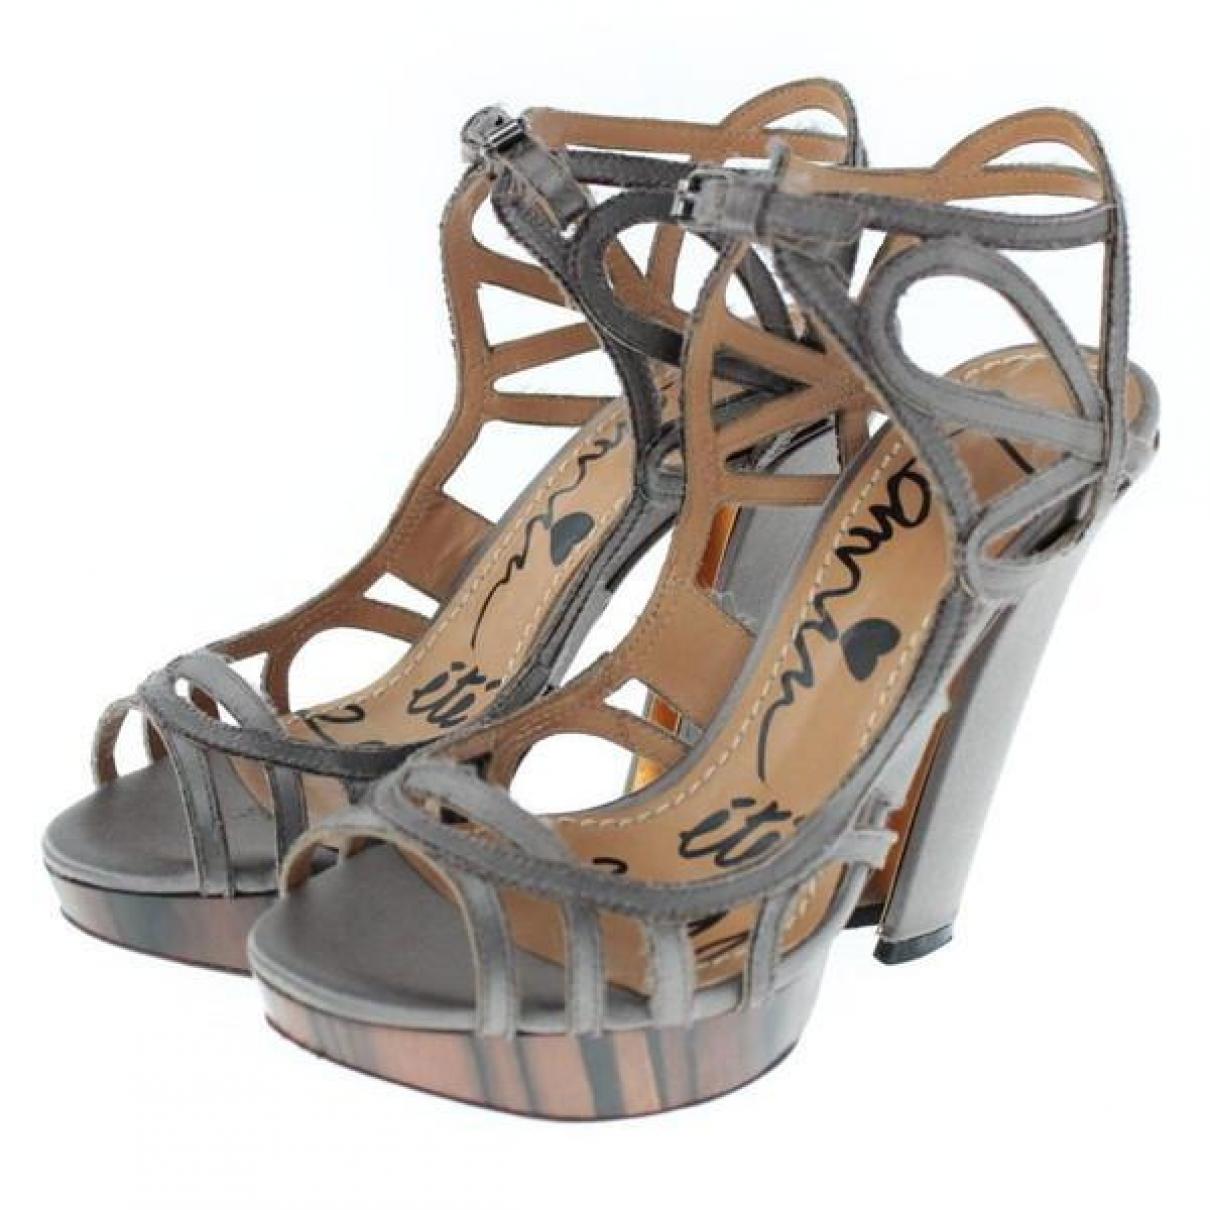 Lanvin - Sandales   pour femme en cuir - gris